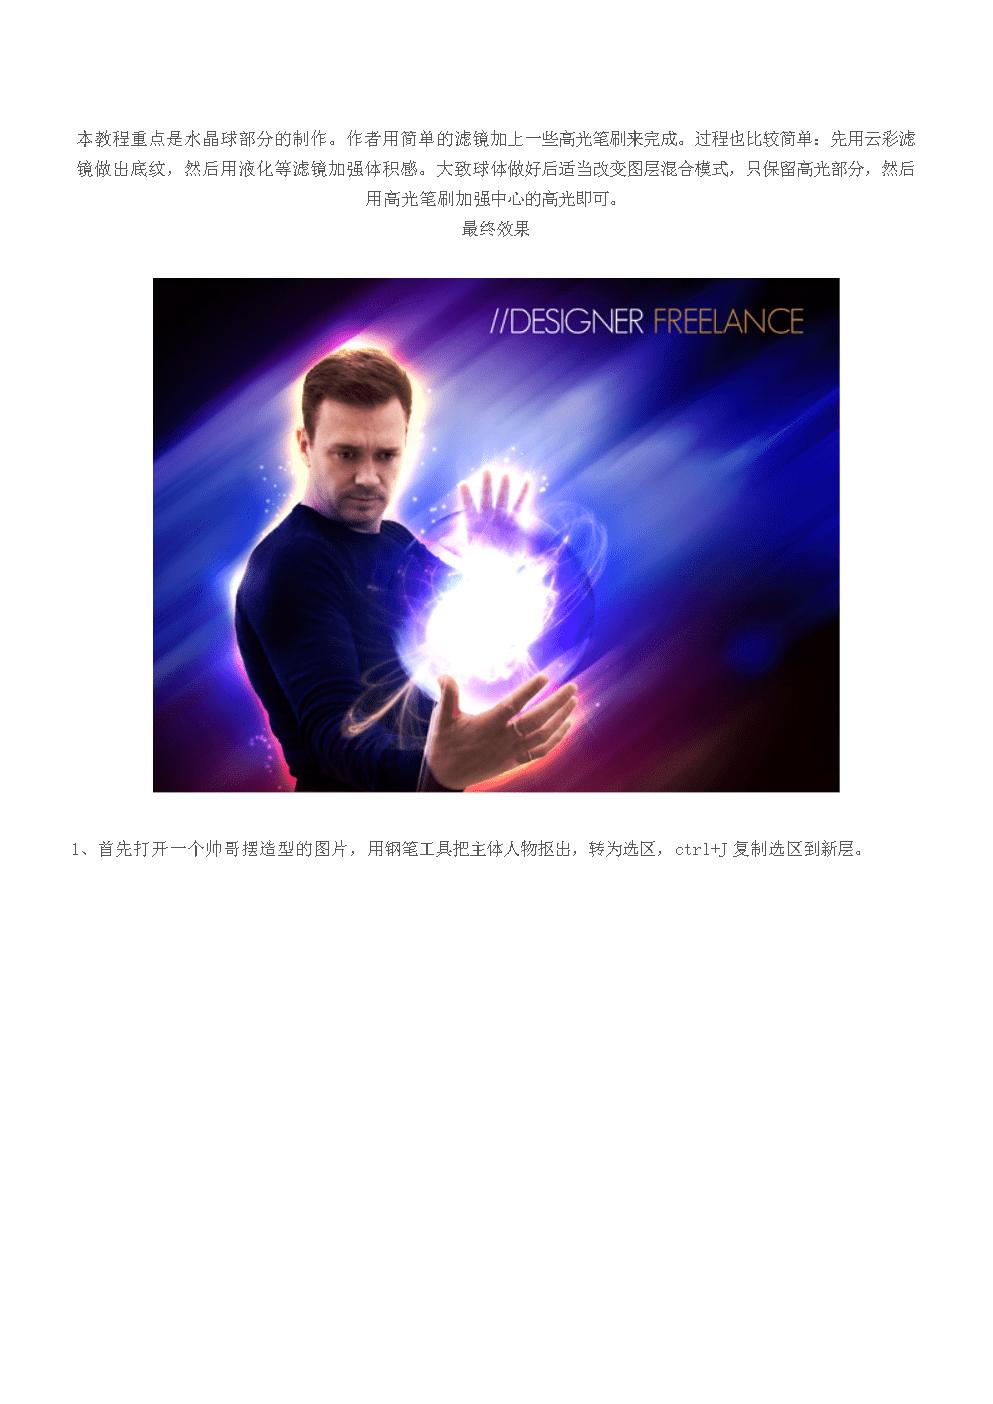 Photoshop给帅哥加上超炫的魔法能量球.doc